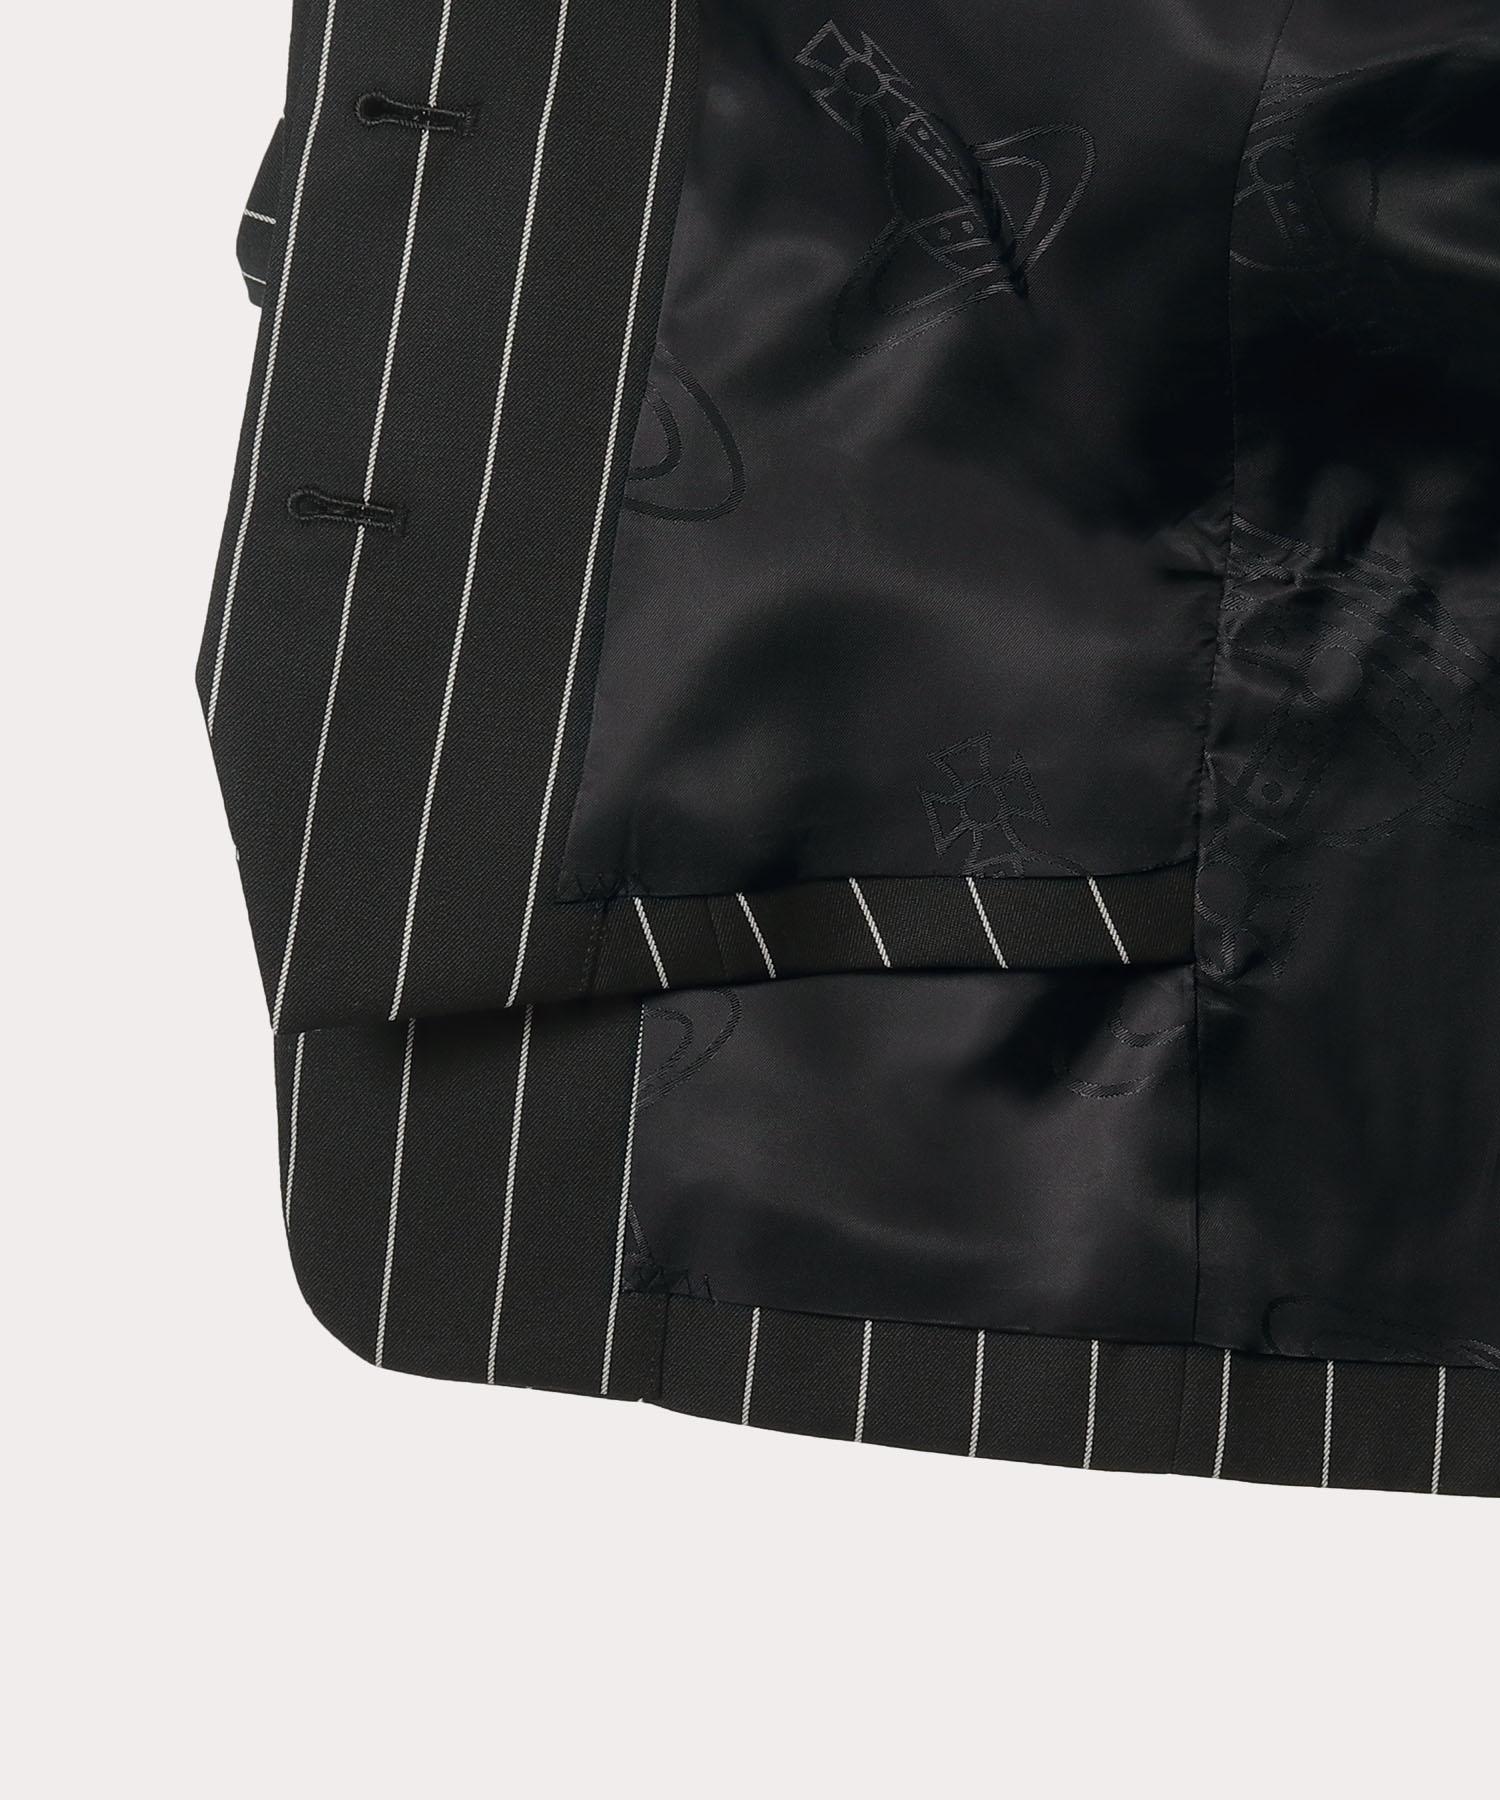 ウールギャバ ダブルフロントジャケット